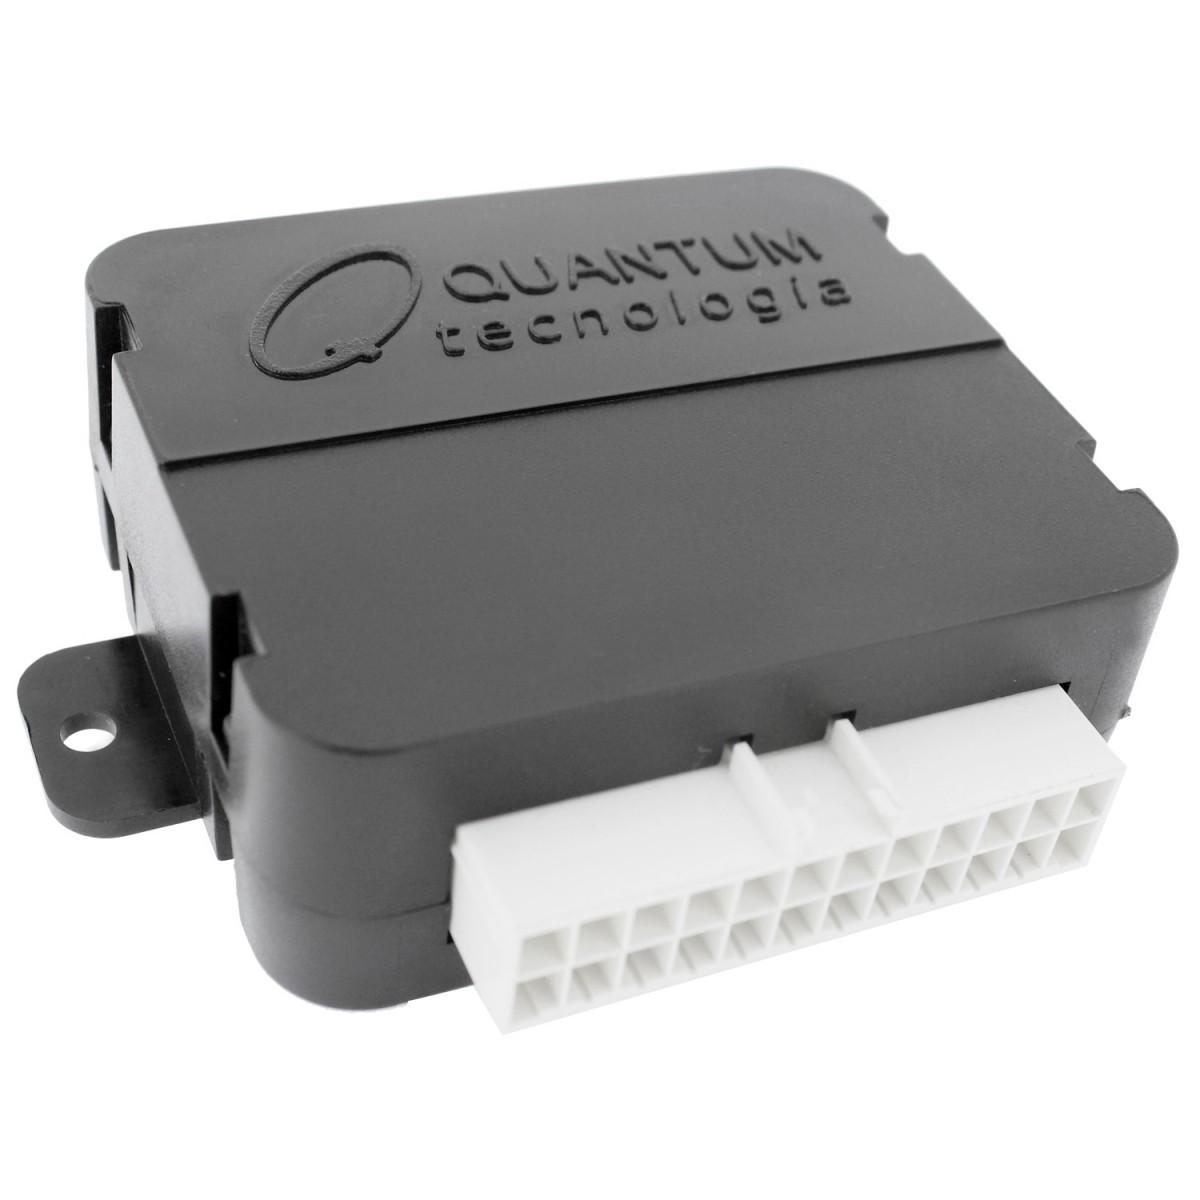 Módulo automatizador para vidros elétricos com antiesmagamento LV208